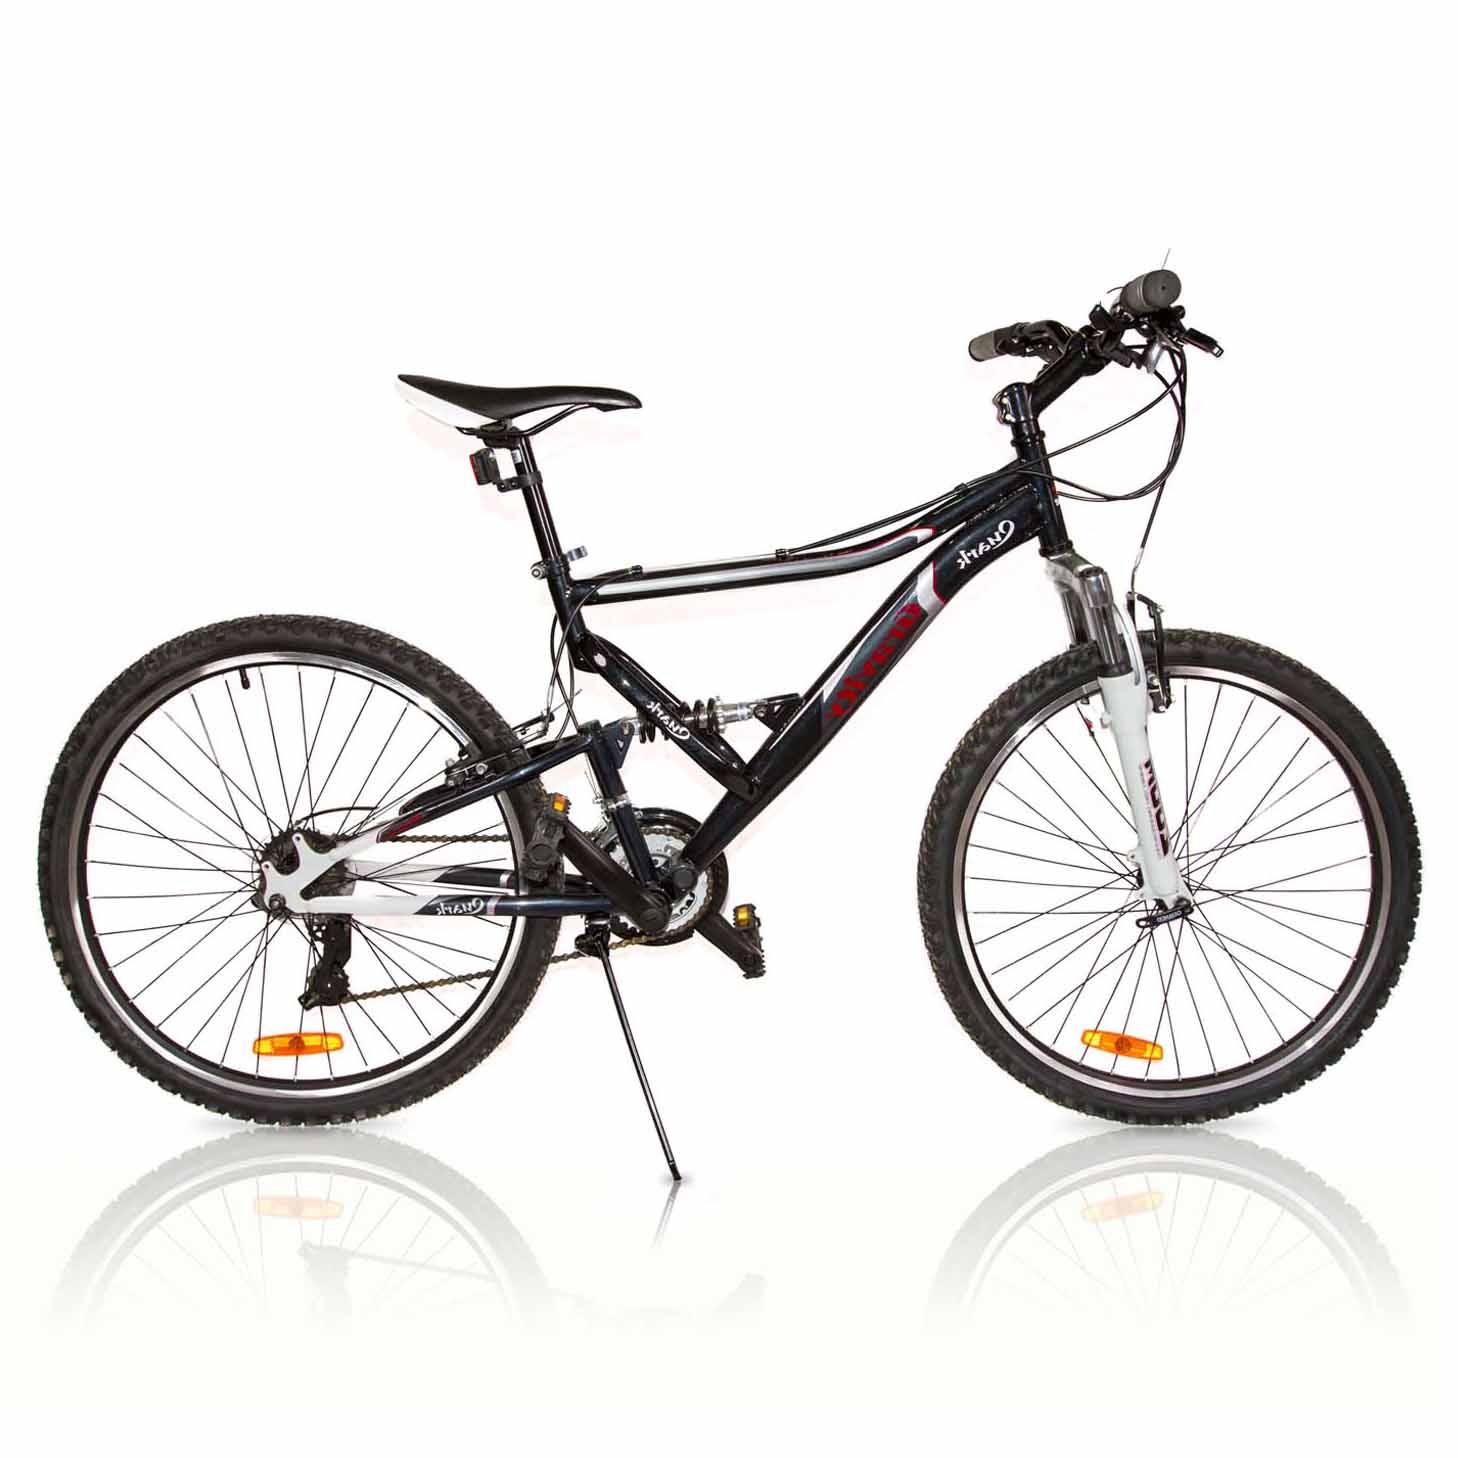 """Велосипед Gravity 26"""" QUARK двухподвес 21 скор. стал.рама 17"""" черный (7208)"""